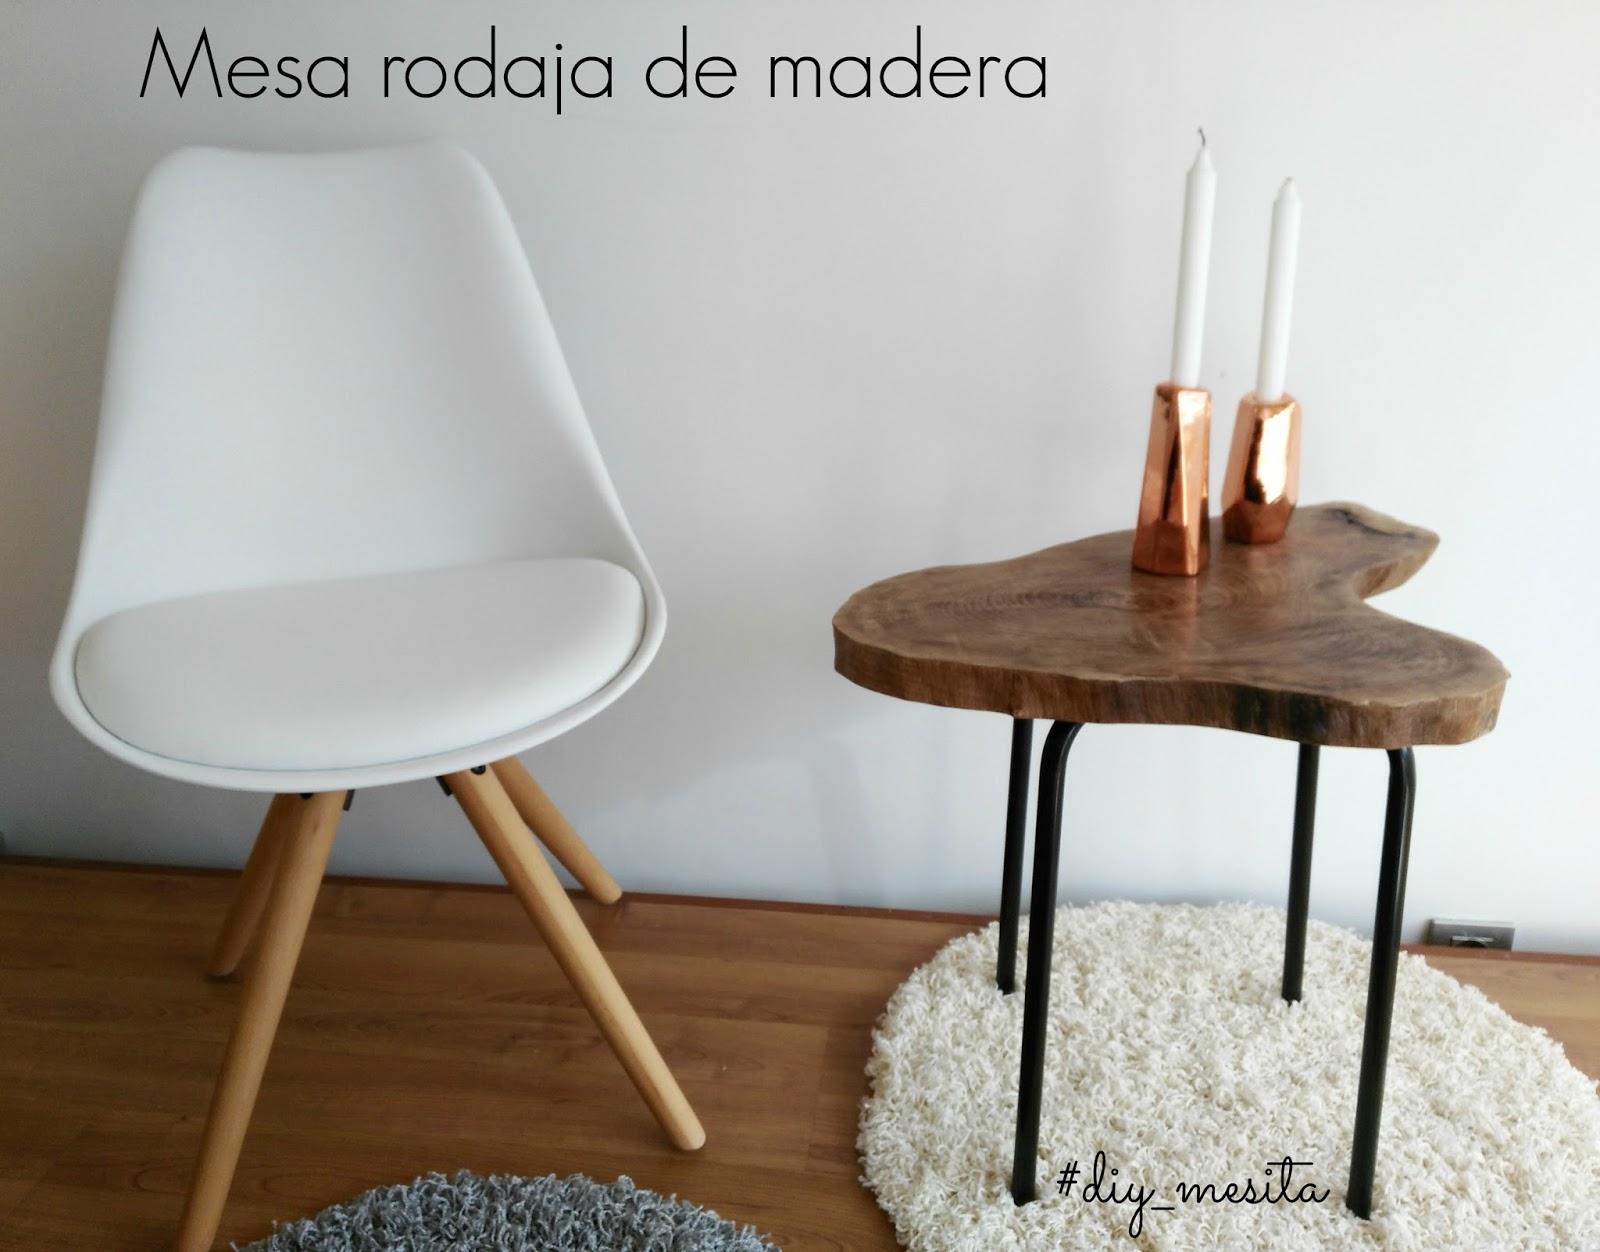 Diy mesa auxiliar con rodaja de madera - Ikea patas muebles ...